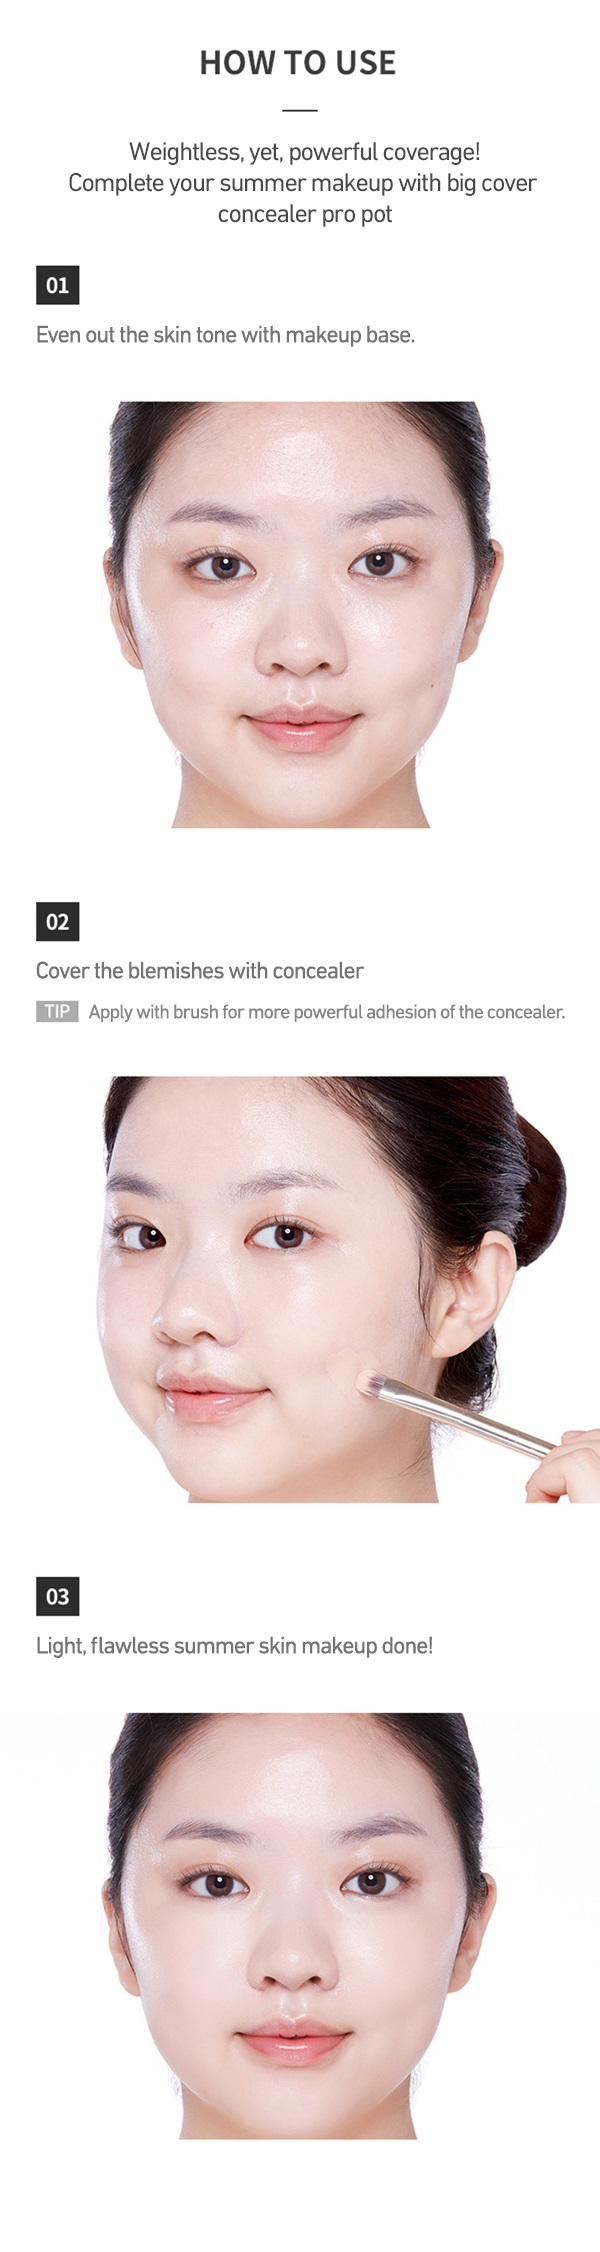 20170717-big-cover-concealer-pro-pot-sub-how